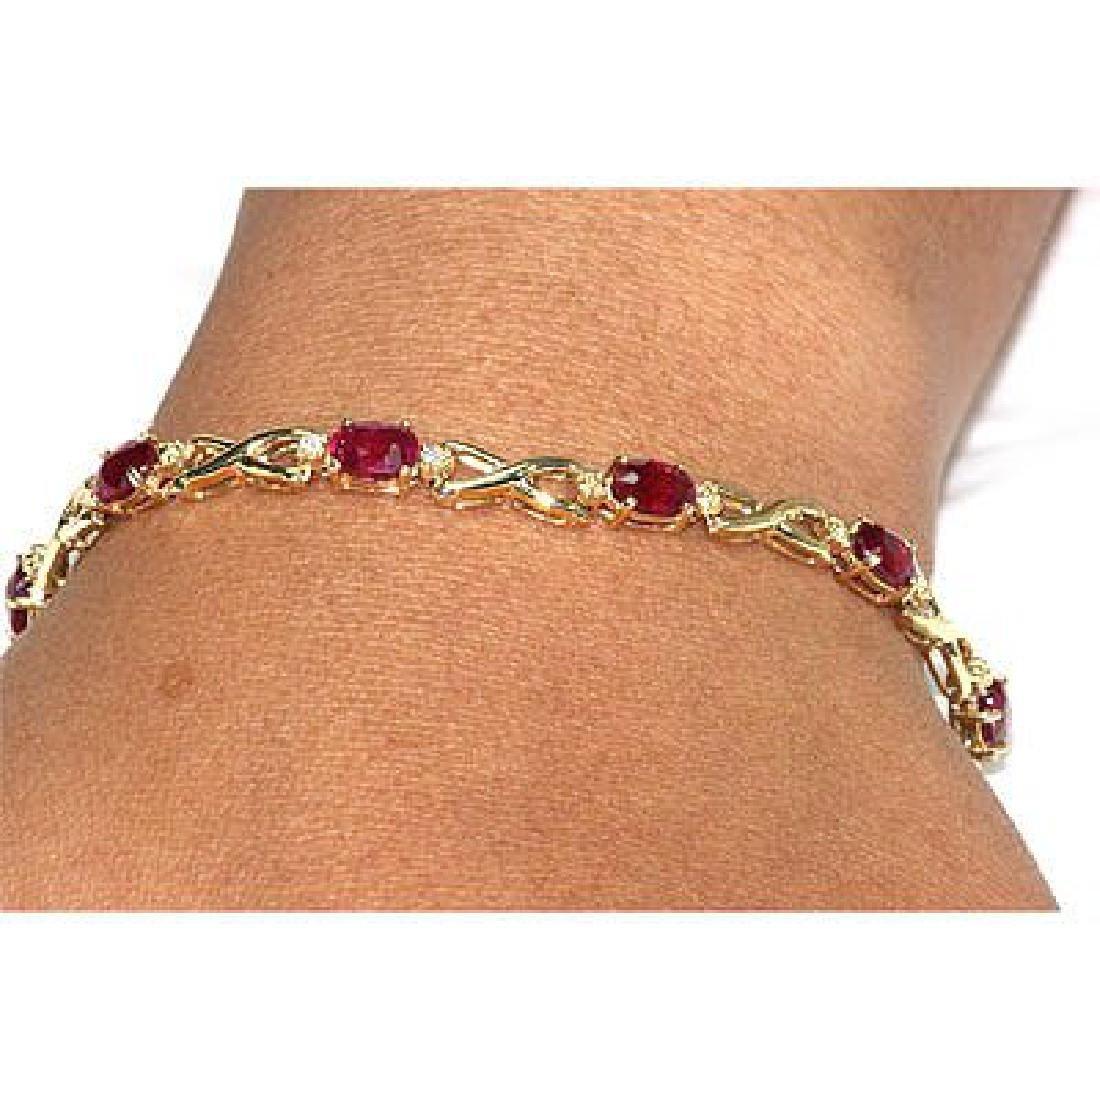 Genuine Ruby6.02Ctw Diamond Bracelet 14K